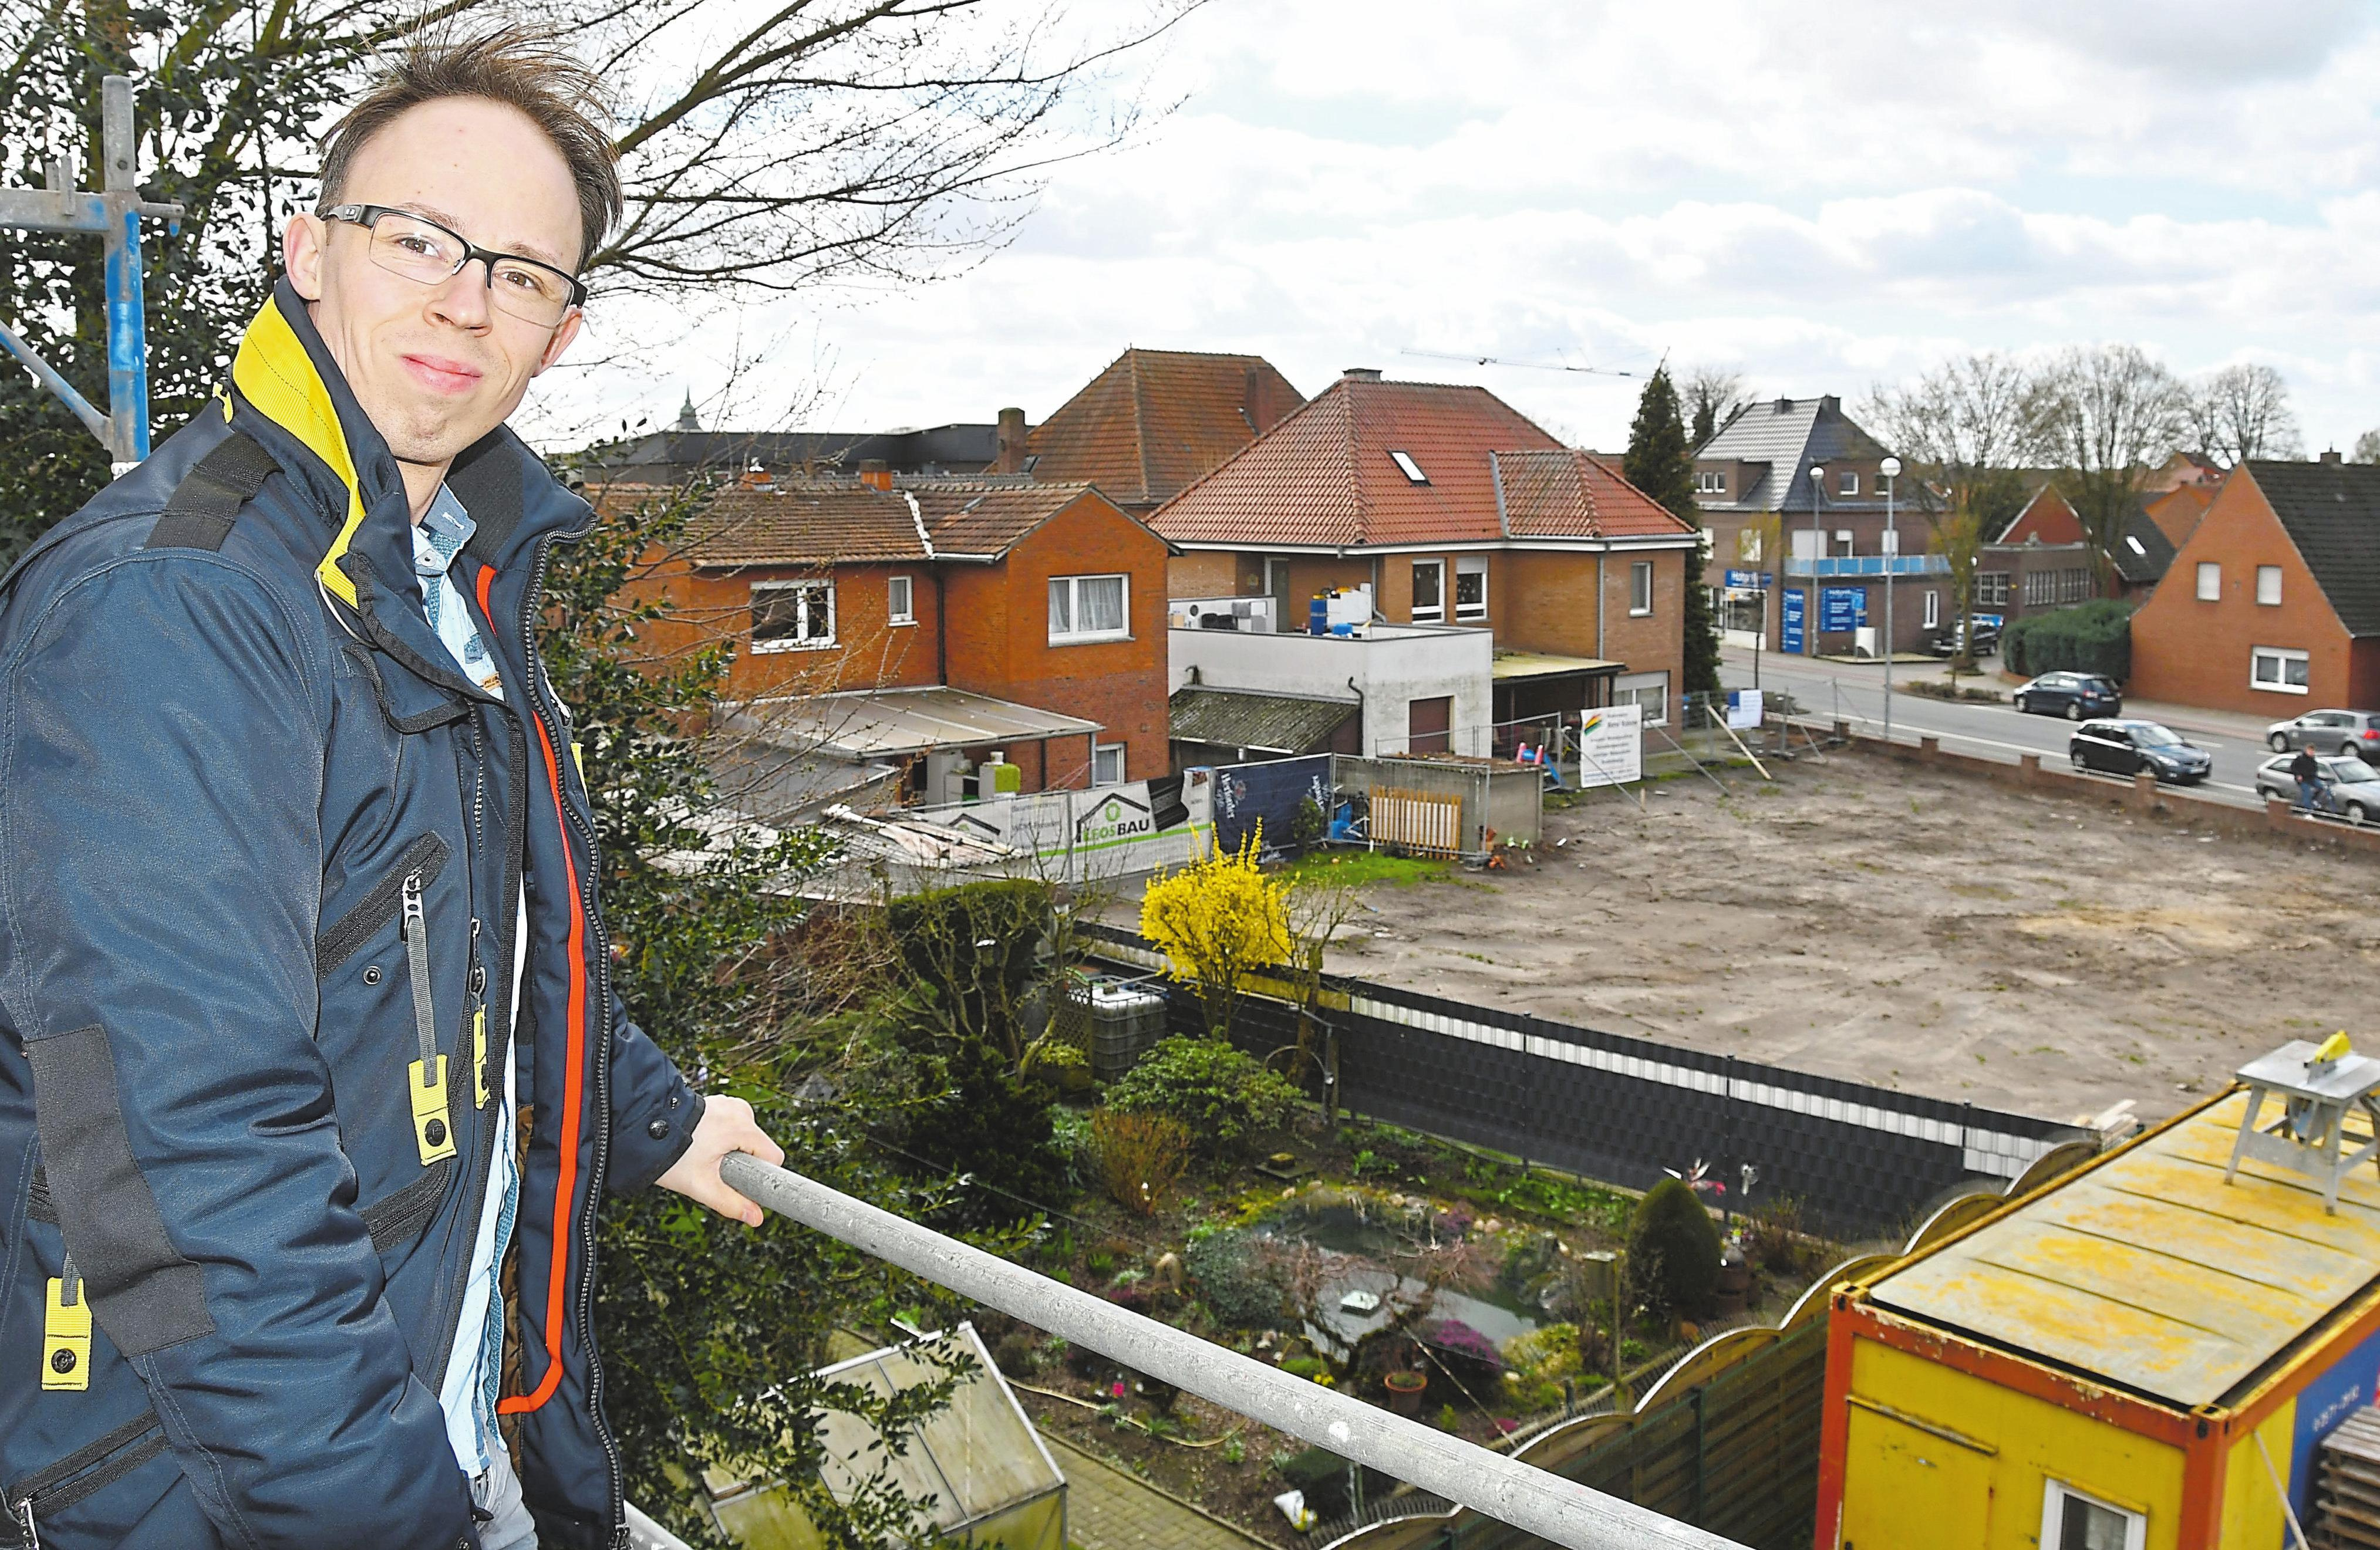 Tobias Ahaus vor der Fläche zur Saerbecker Straße, auf der eine dreigeschossige Riegelbebauung mit Staffelgeschoss und Laubengang gebaut wird.